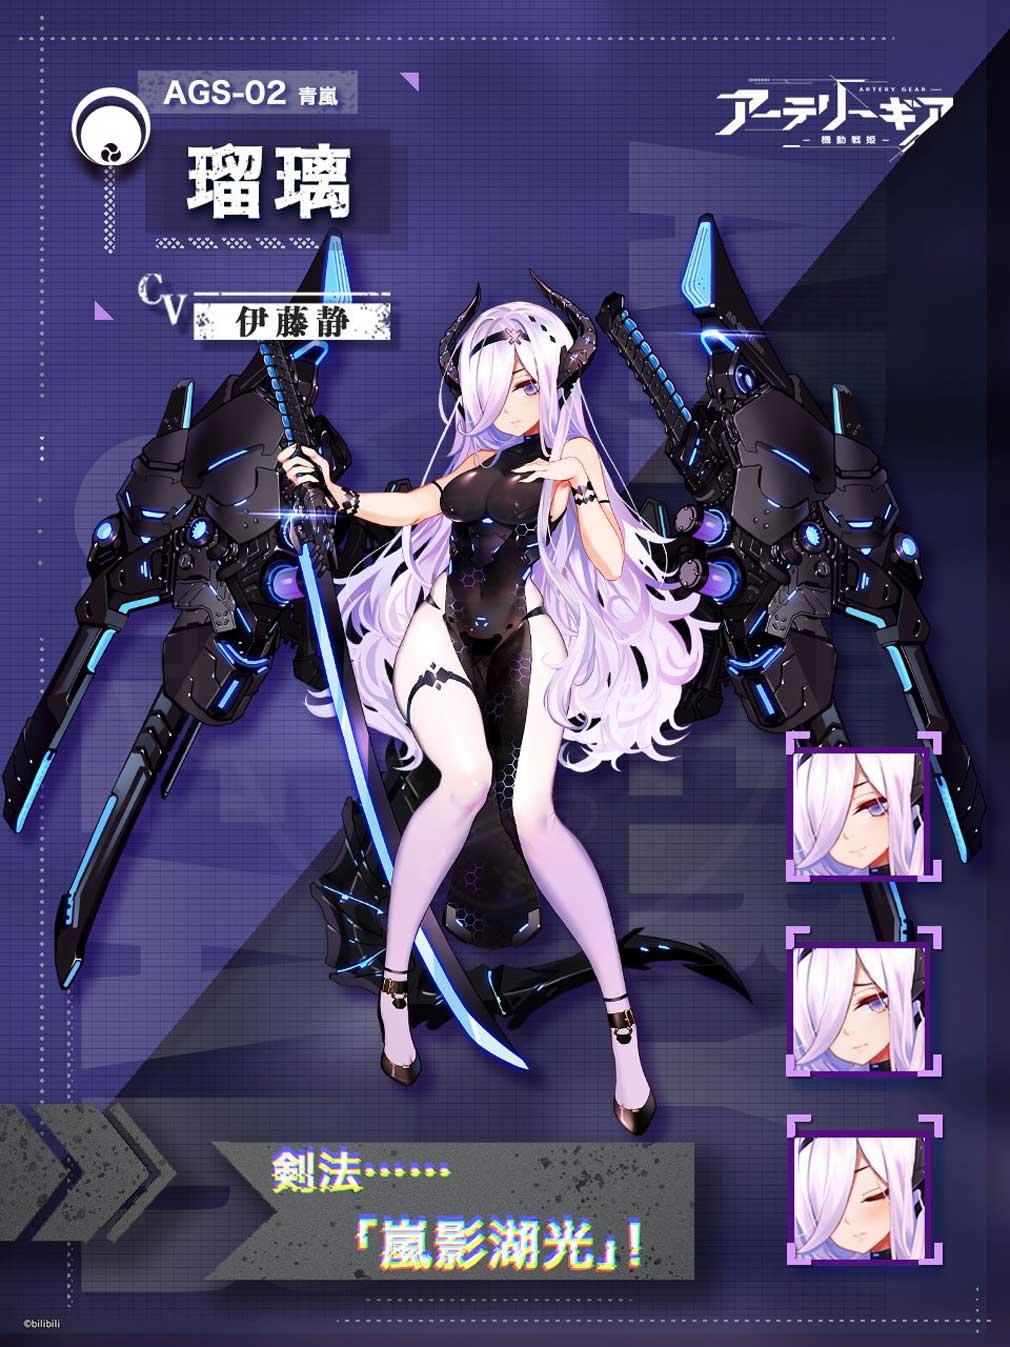 アーテリーギア 機動戦姫(アテギア) キャラクター『瑠璃』紹介イメージ